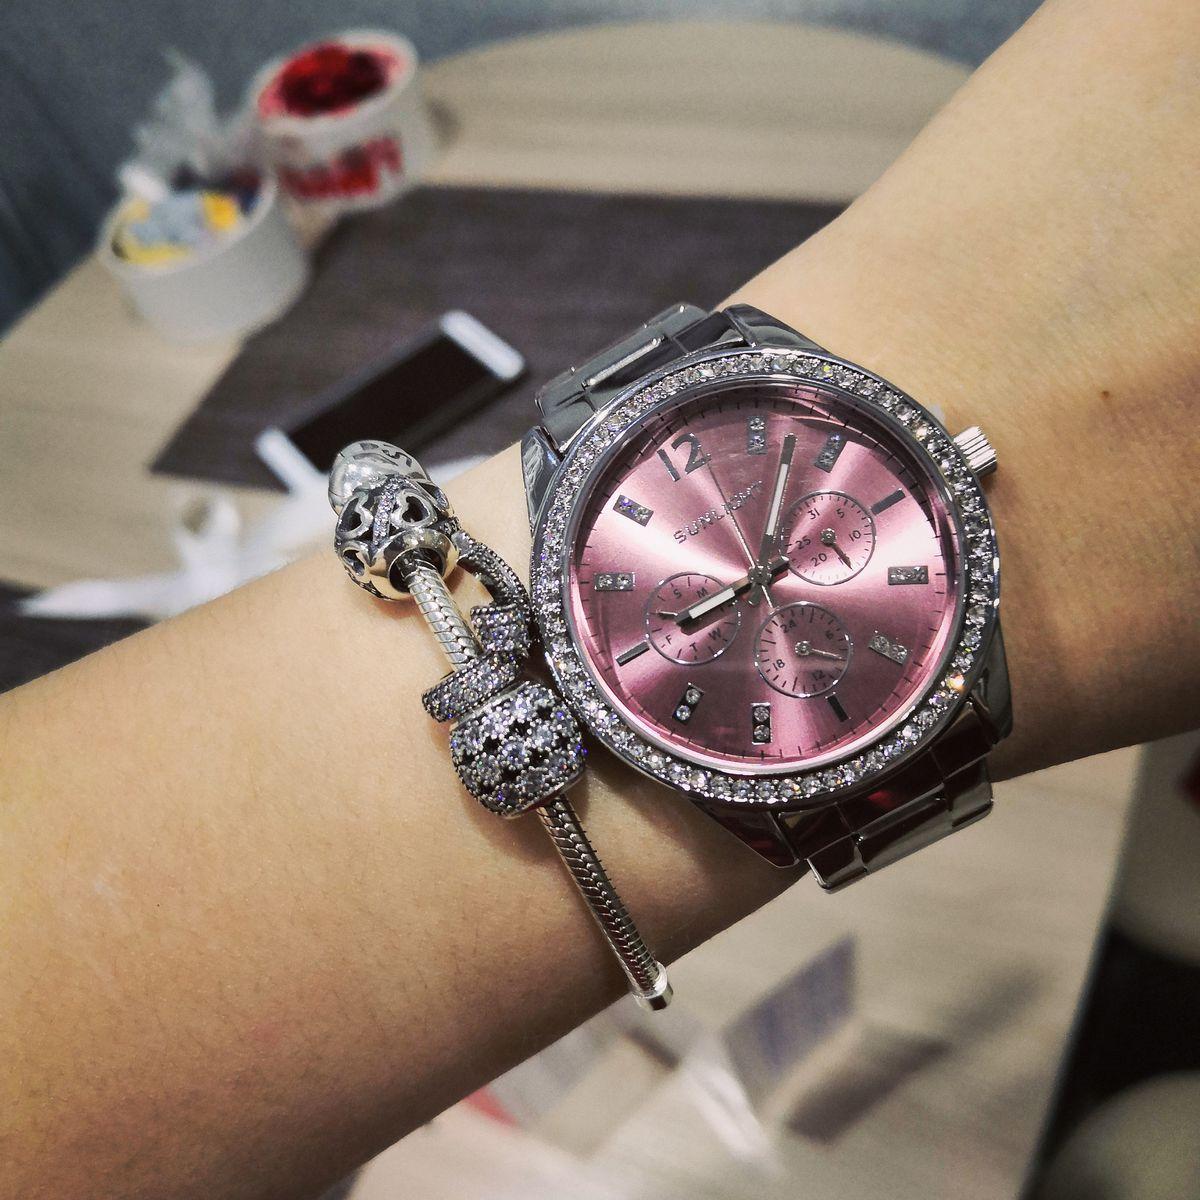 💥Хочешь красивые, качественные часы?💥 Тогда тебе в sinlight. 🎁